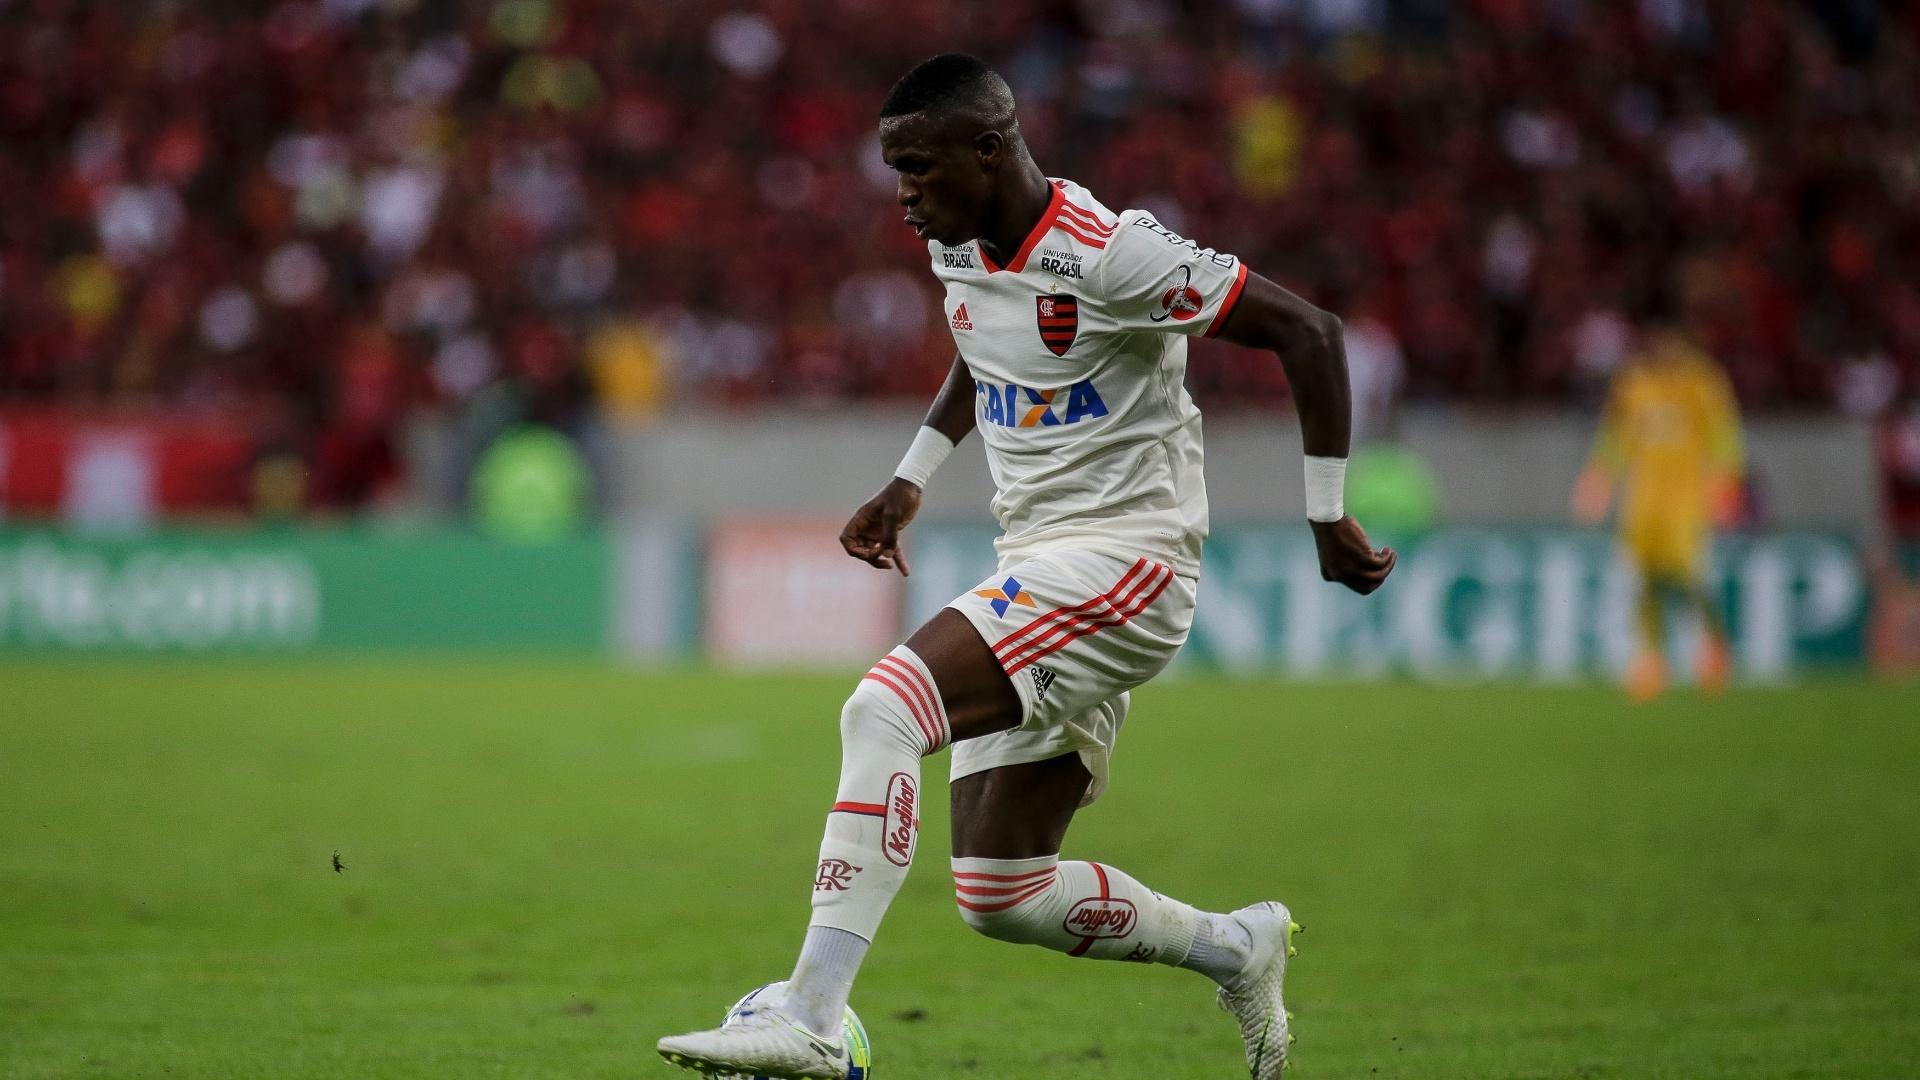 Vinicius Junior tenta fazer jogada individual em Flamengo x Bahia